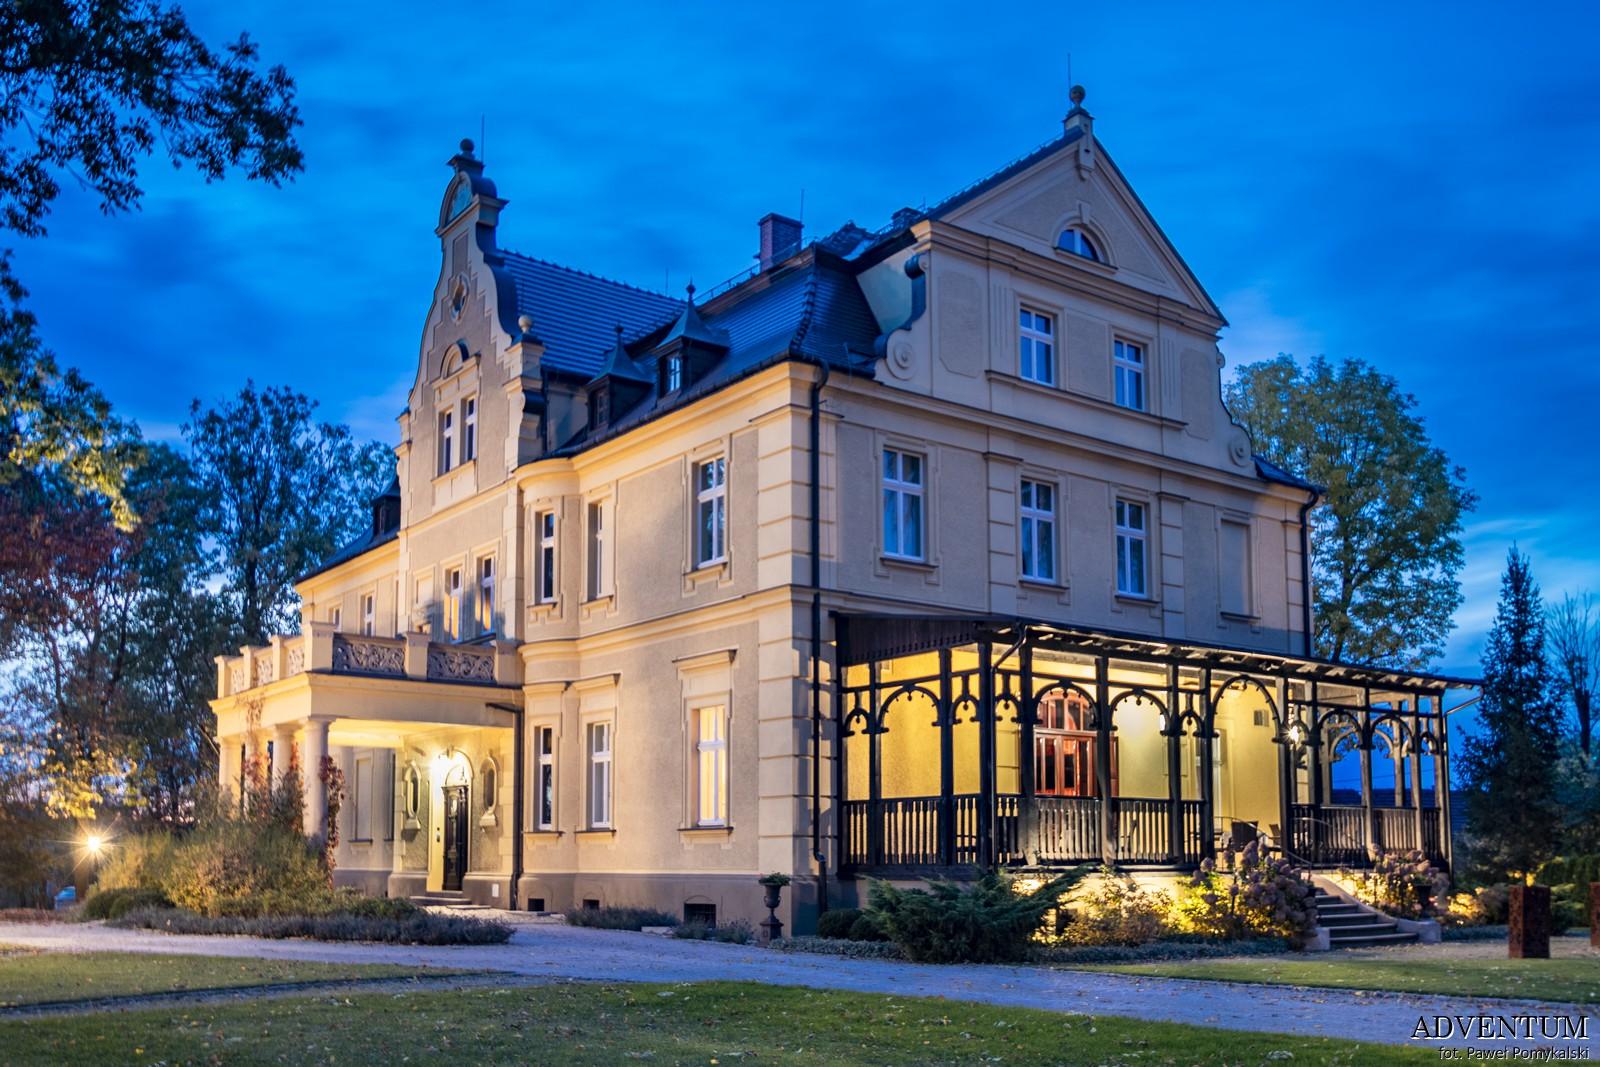 Gruszów pałac dolny śląsk świdnica hotel noclegi wnętrza apartament wieczorem